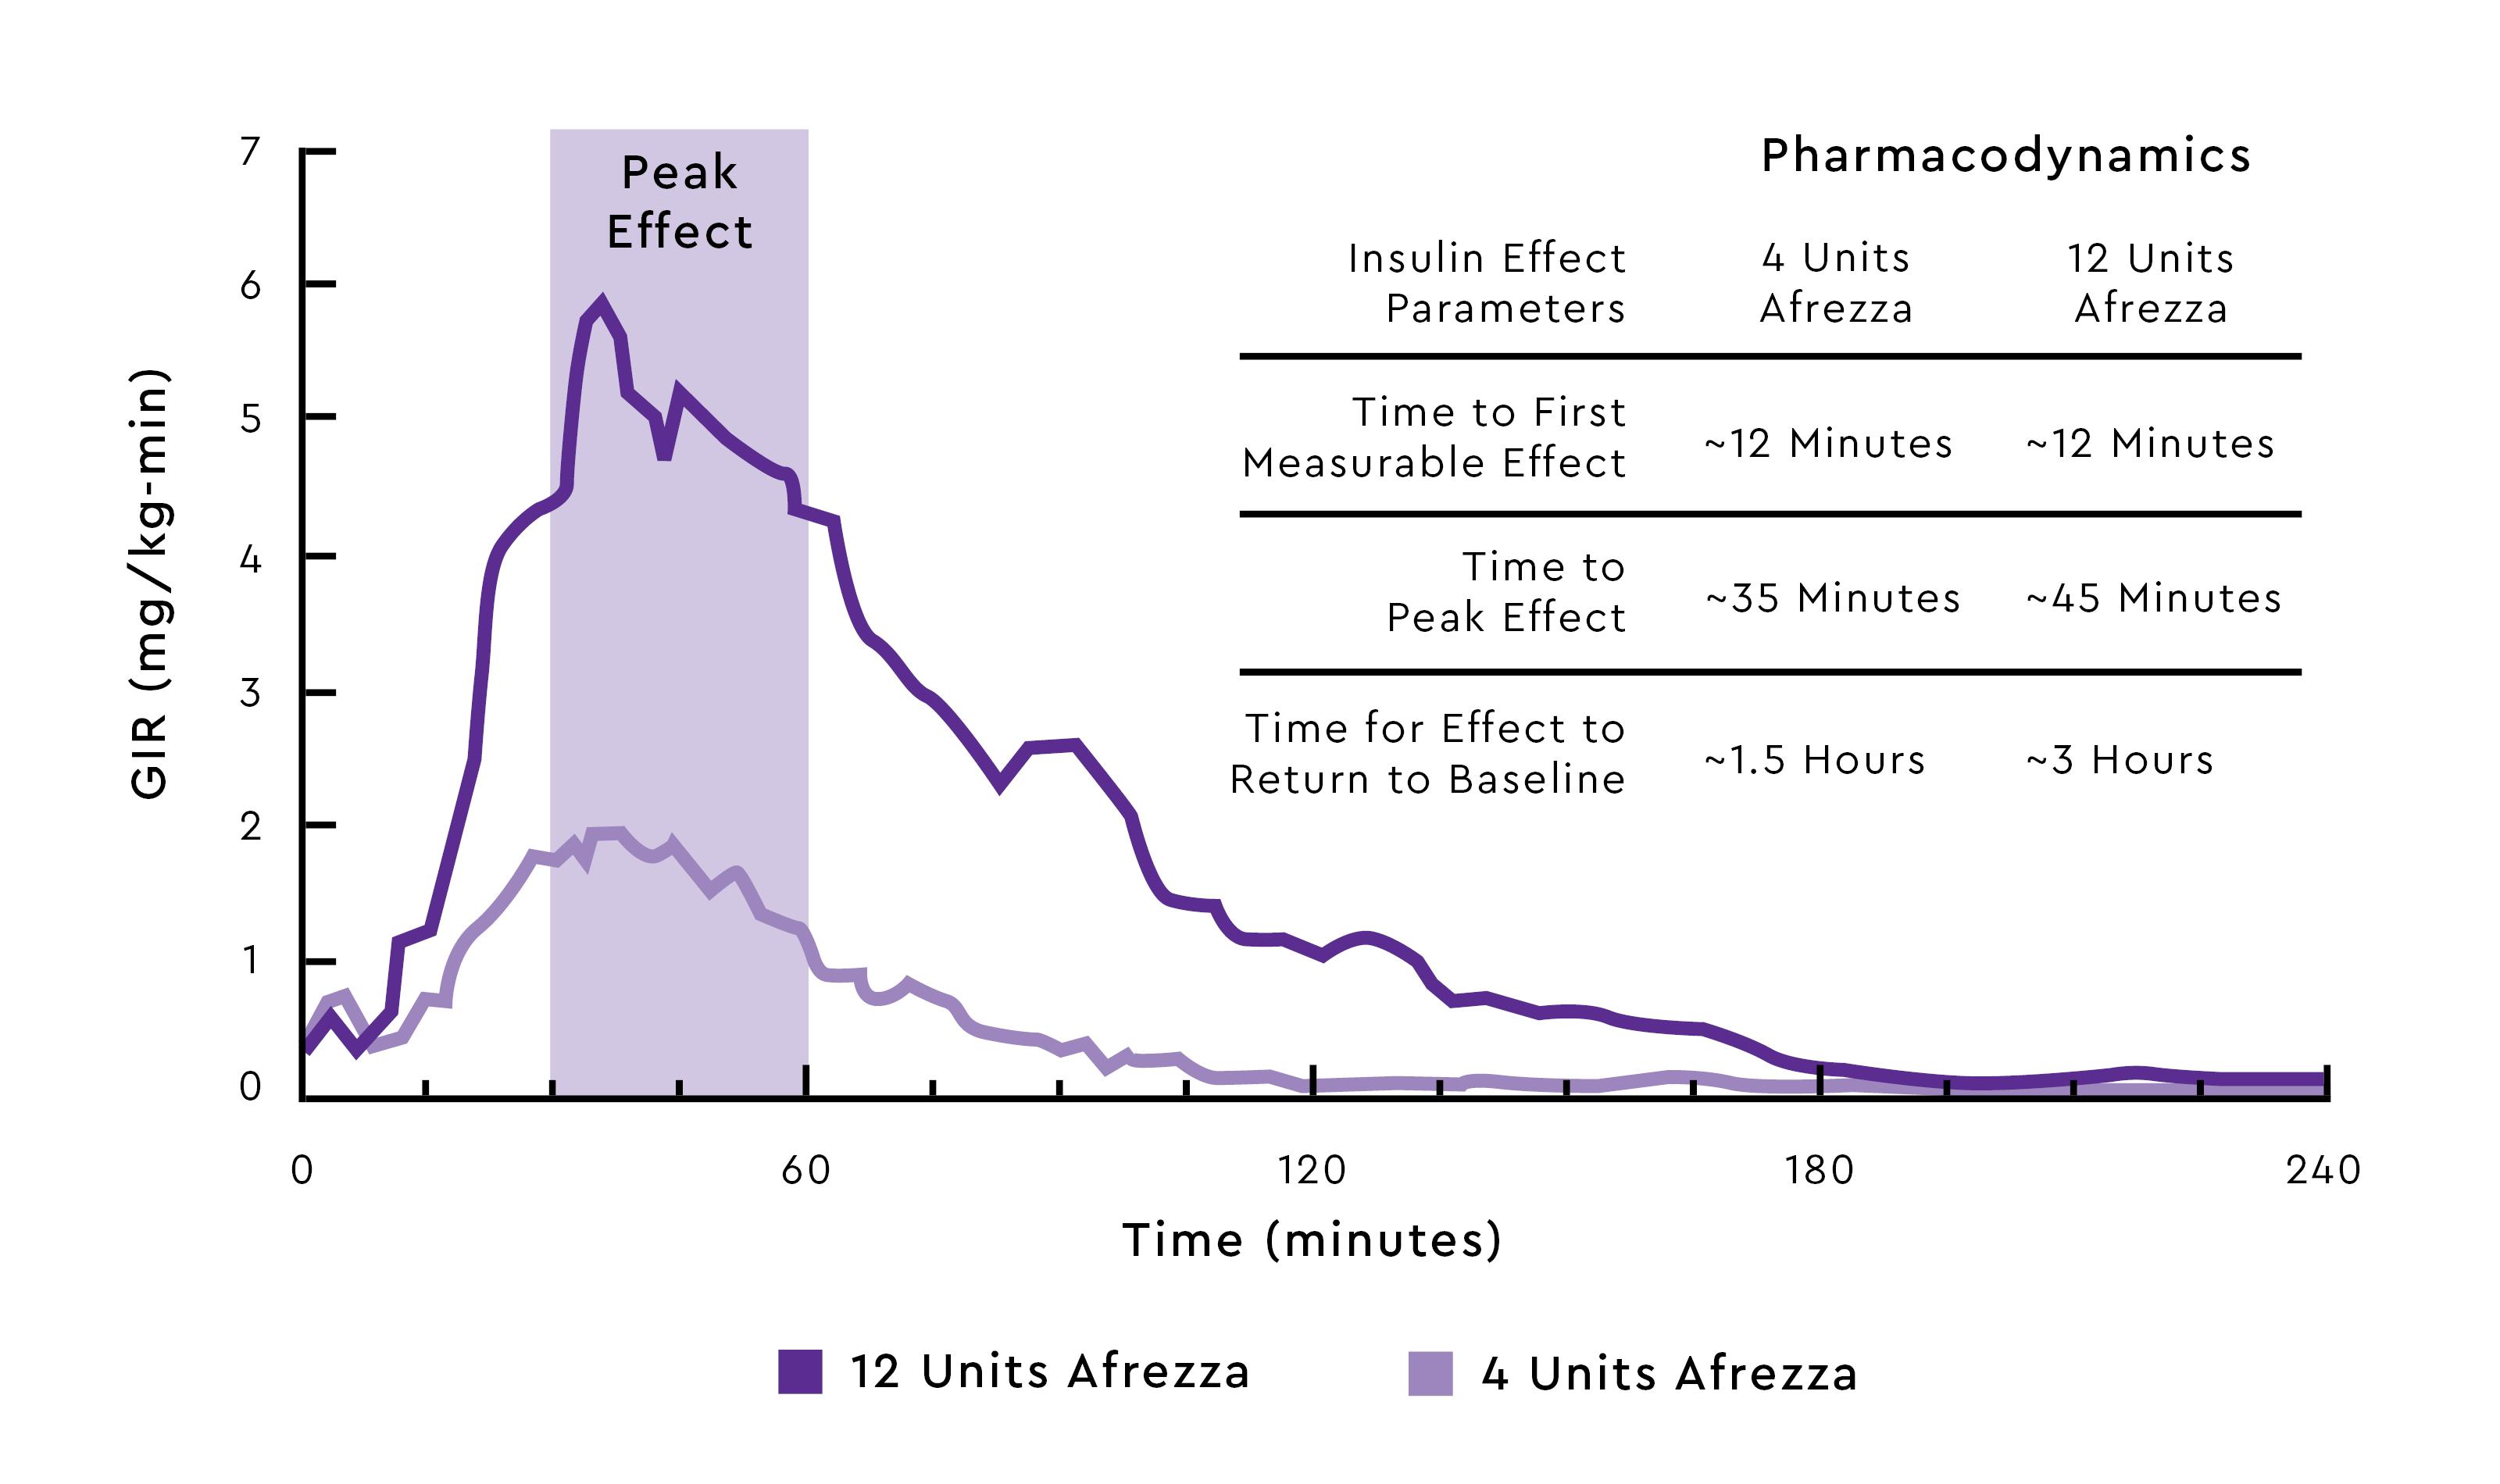 Afrezza Postprandial Insulin Profile 1